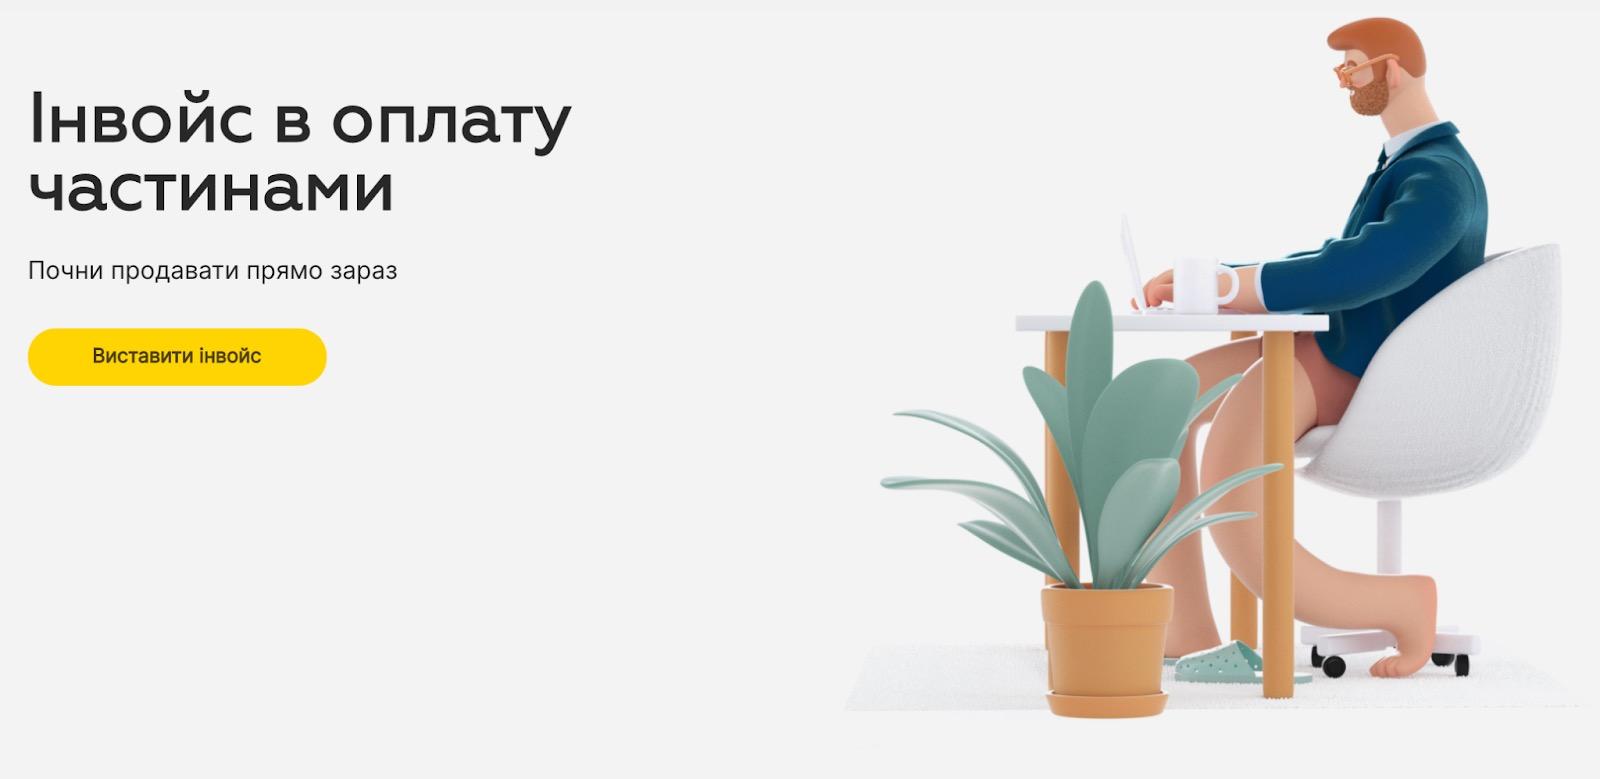 ПриватБанк запустил новую возможность в сервисе Инвойс в оплату частями. Теперь выставлять счет можно сразу в Приват24